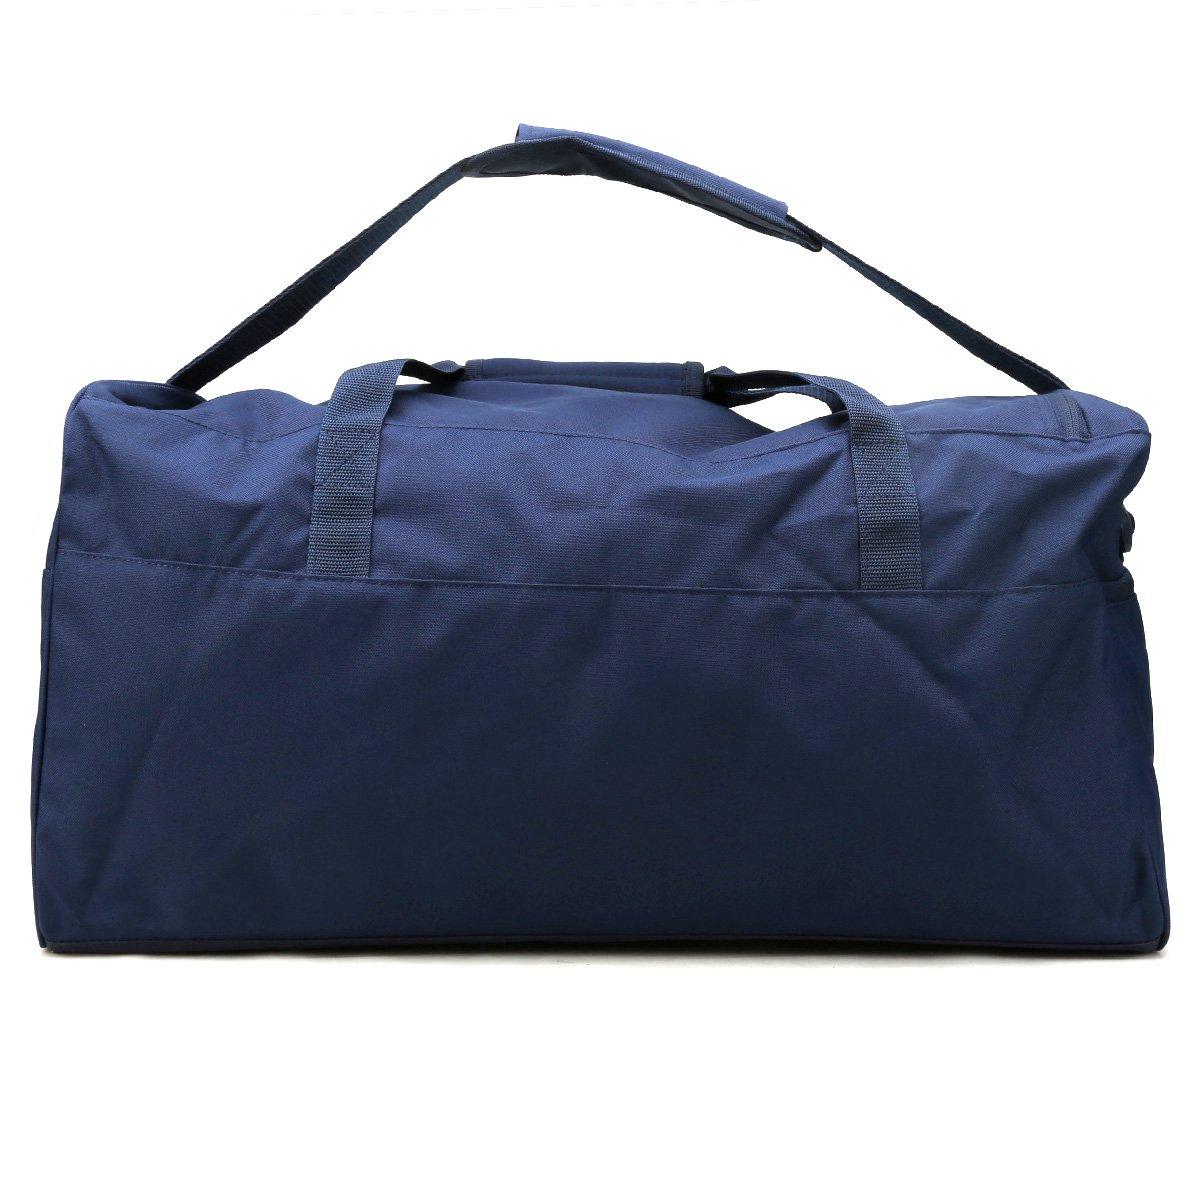 Mala Adidas Essential Linear - Marinho e Azul - Compre Agora  c6cf6e414d298